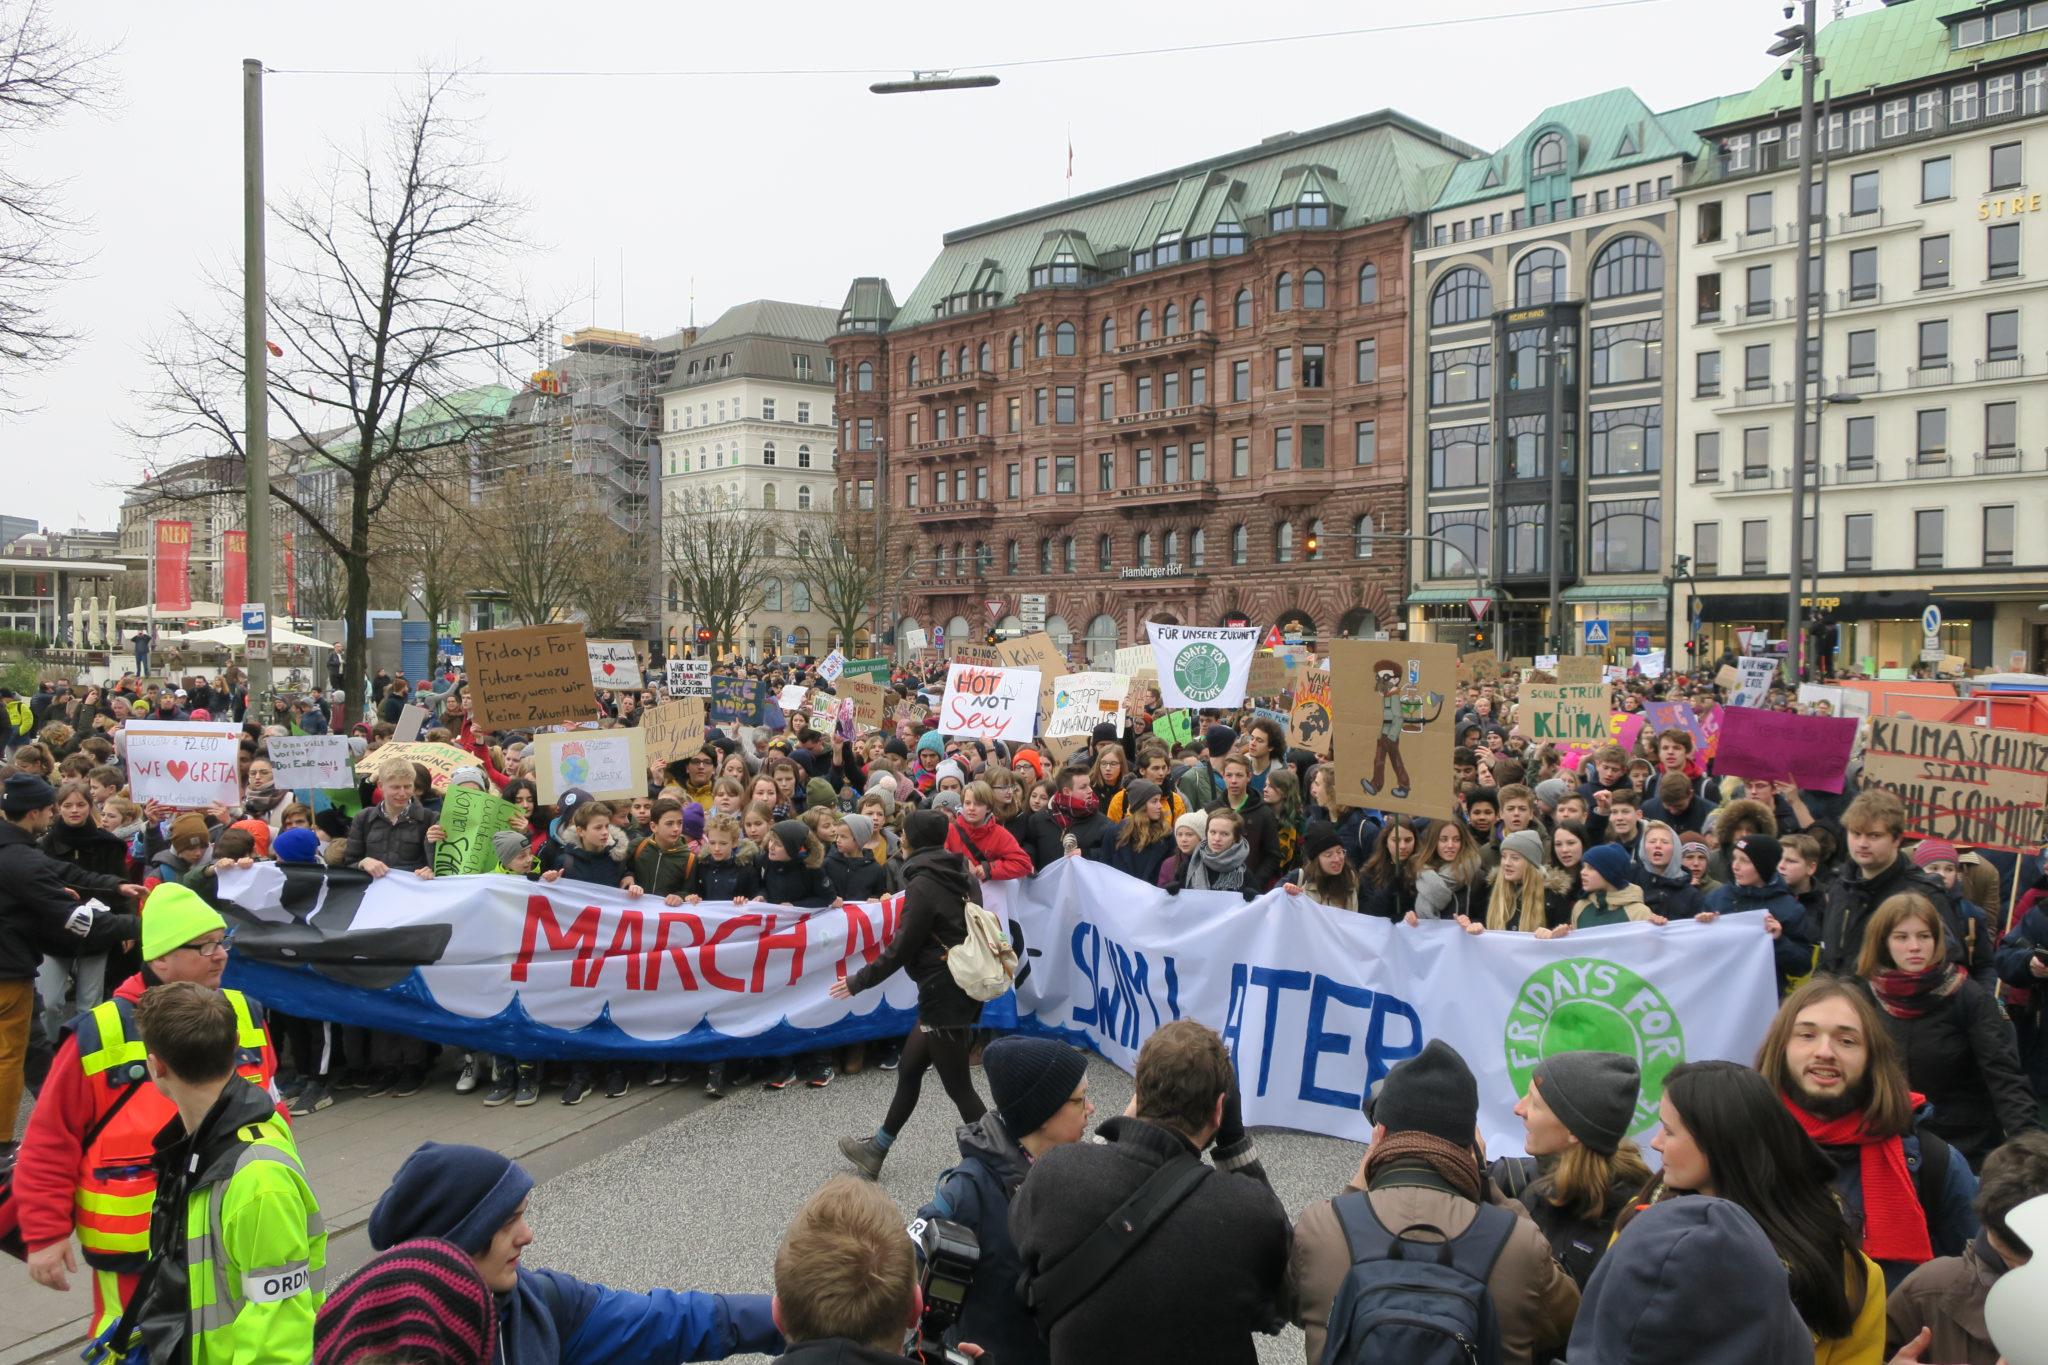 Viele Kinder, darunter Greta Thunberg, demonstrieren mit einem großen Plakat in Hamburg